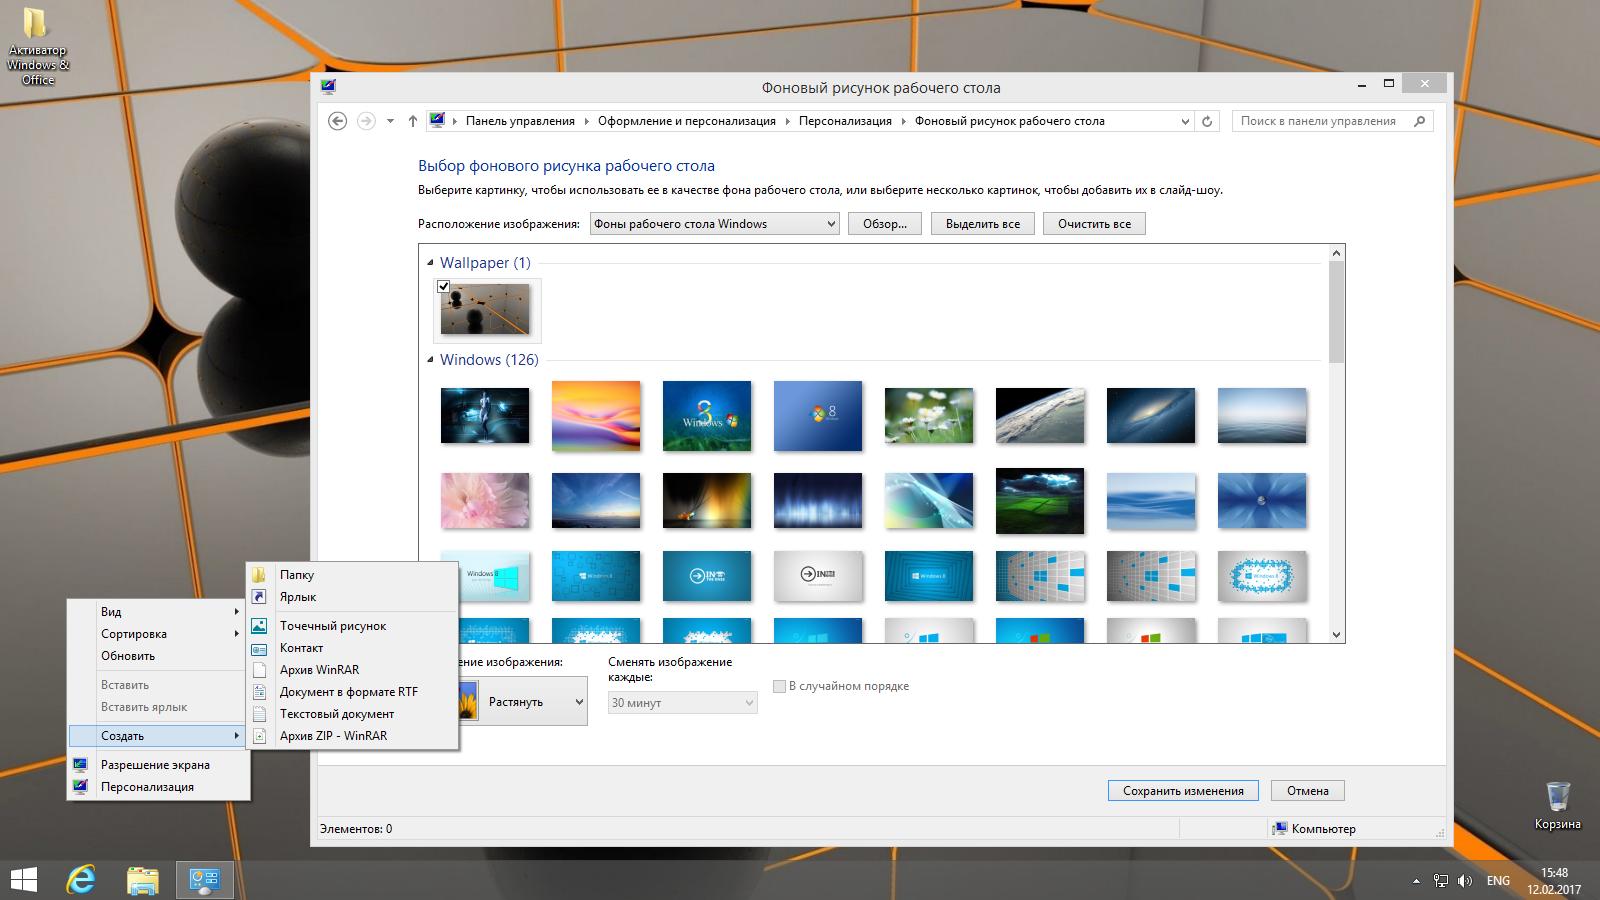 активатор для windows 7 и для vista toolkit